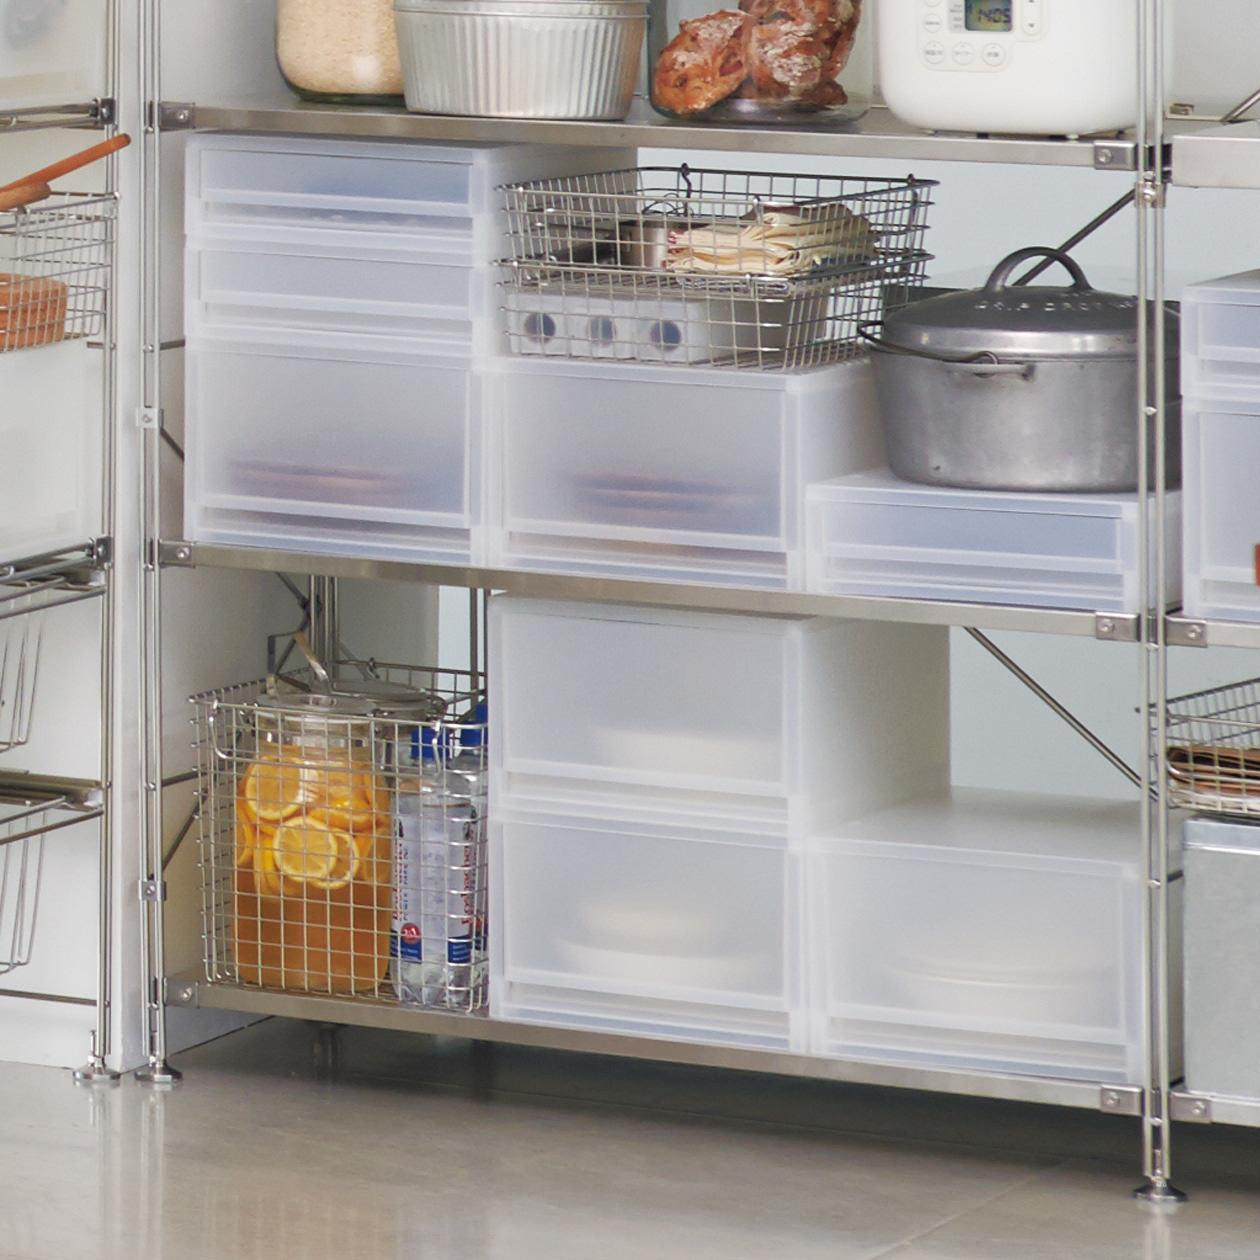 無印良品のキッチン収納~シェルフを食器棚&食品庫に!